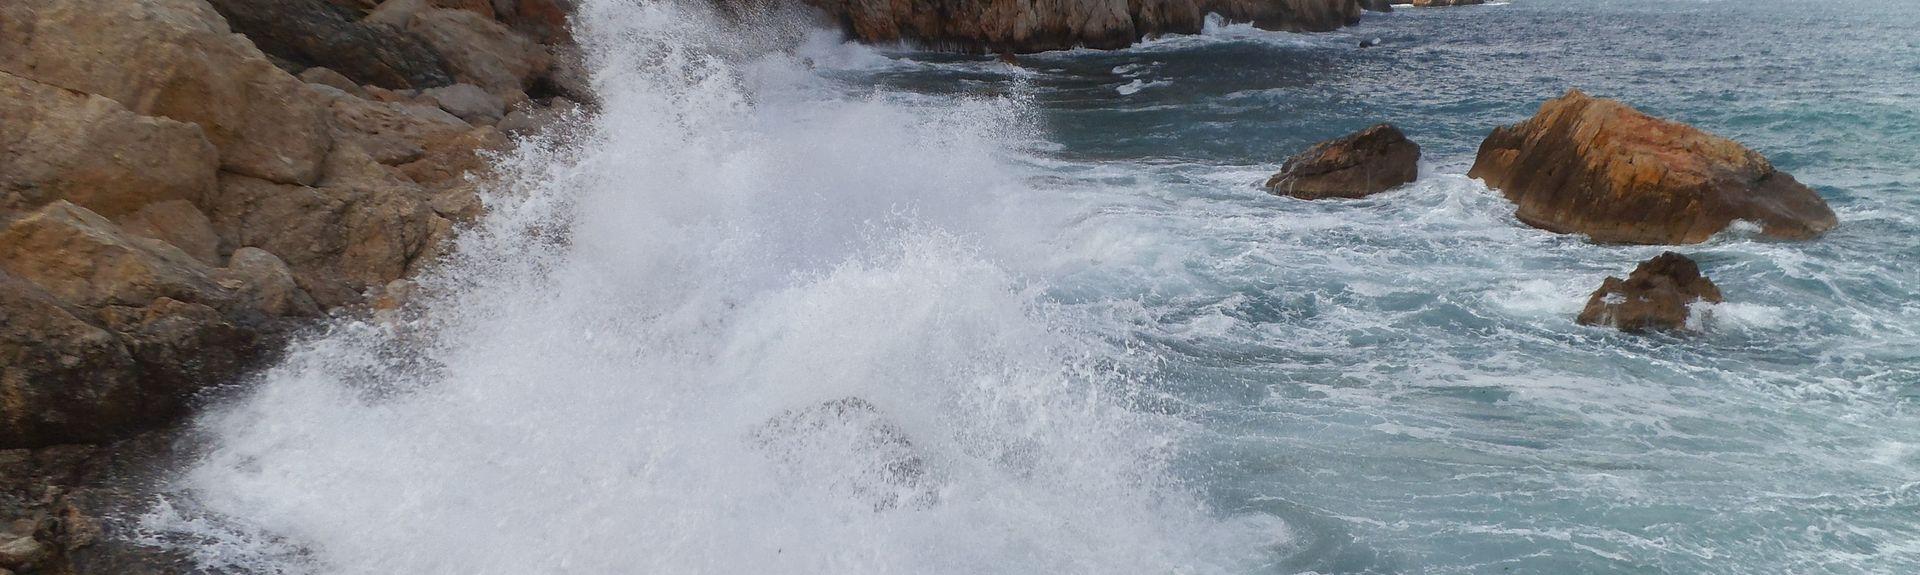 Cadaques Beach, Cadaques, Spain